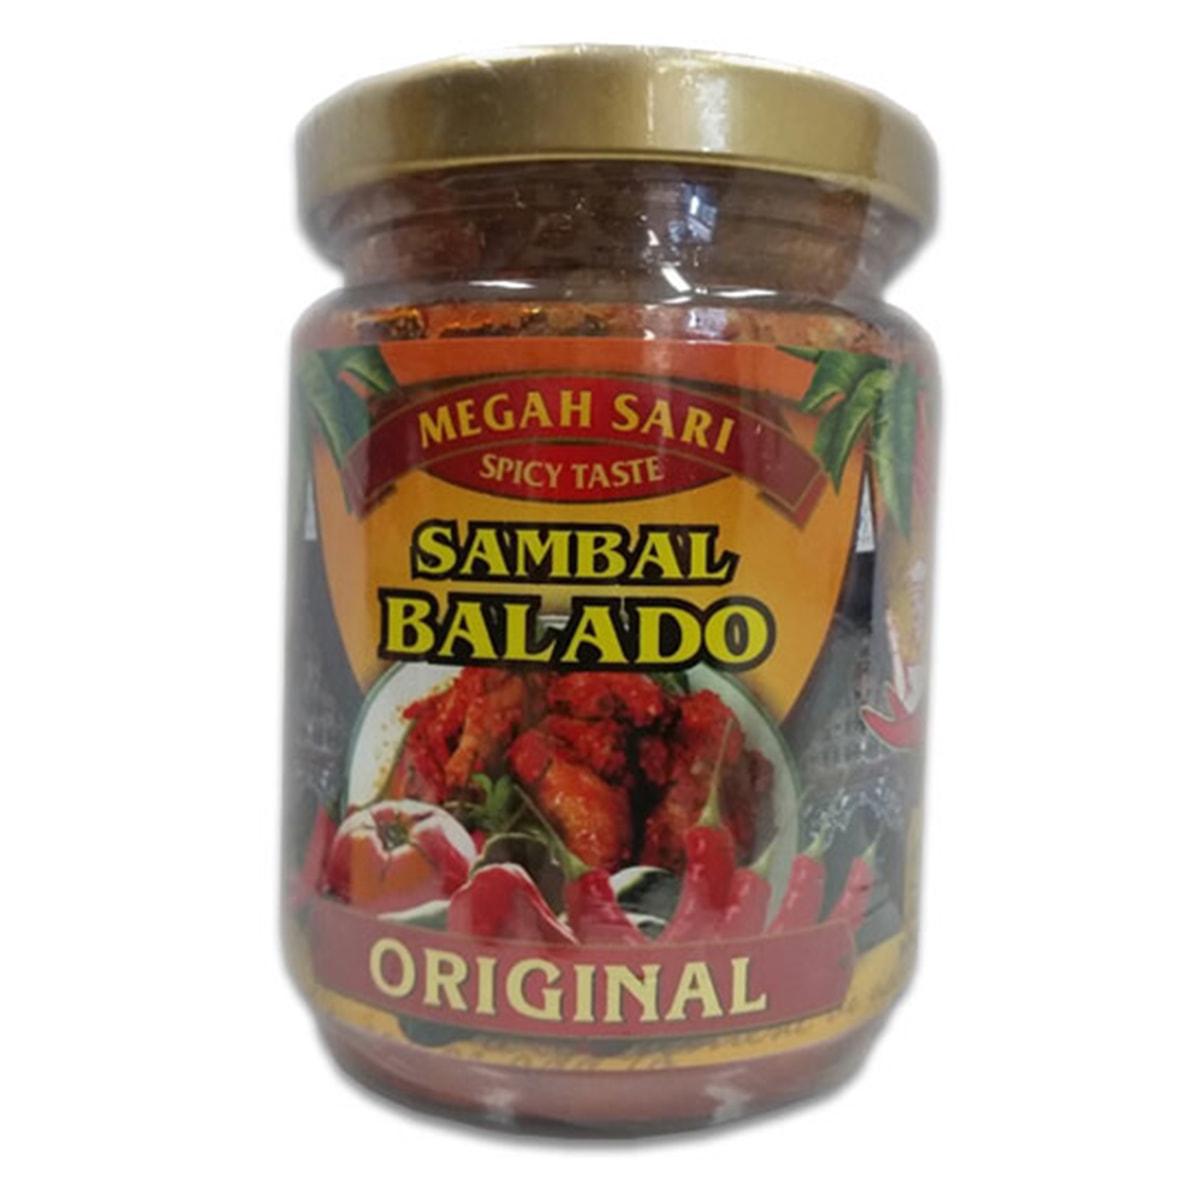 Buy Megah Sari Sambal Balado (Original) - 250 ml